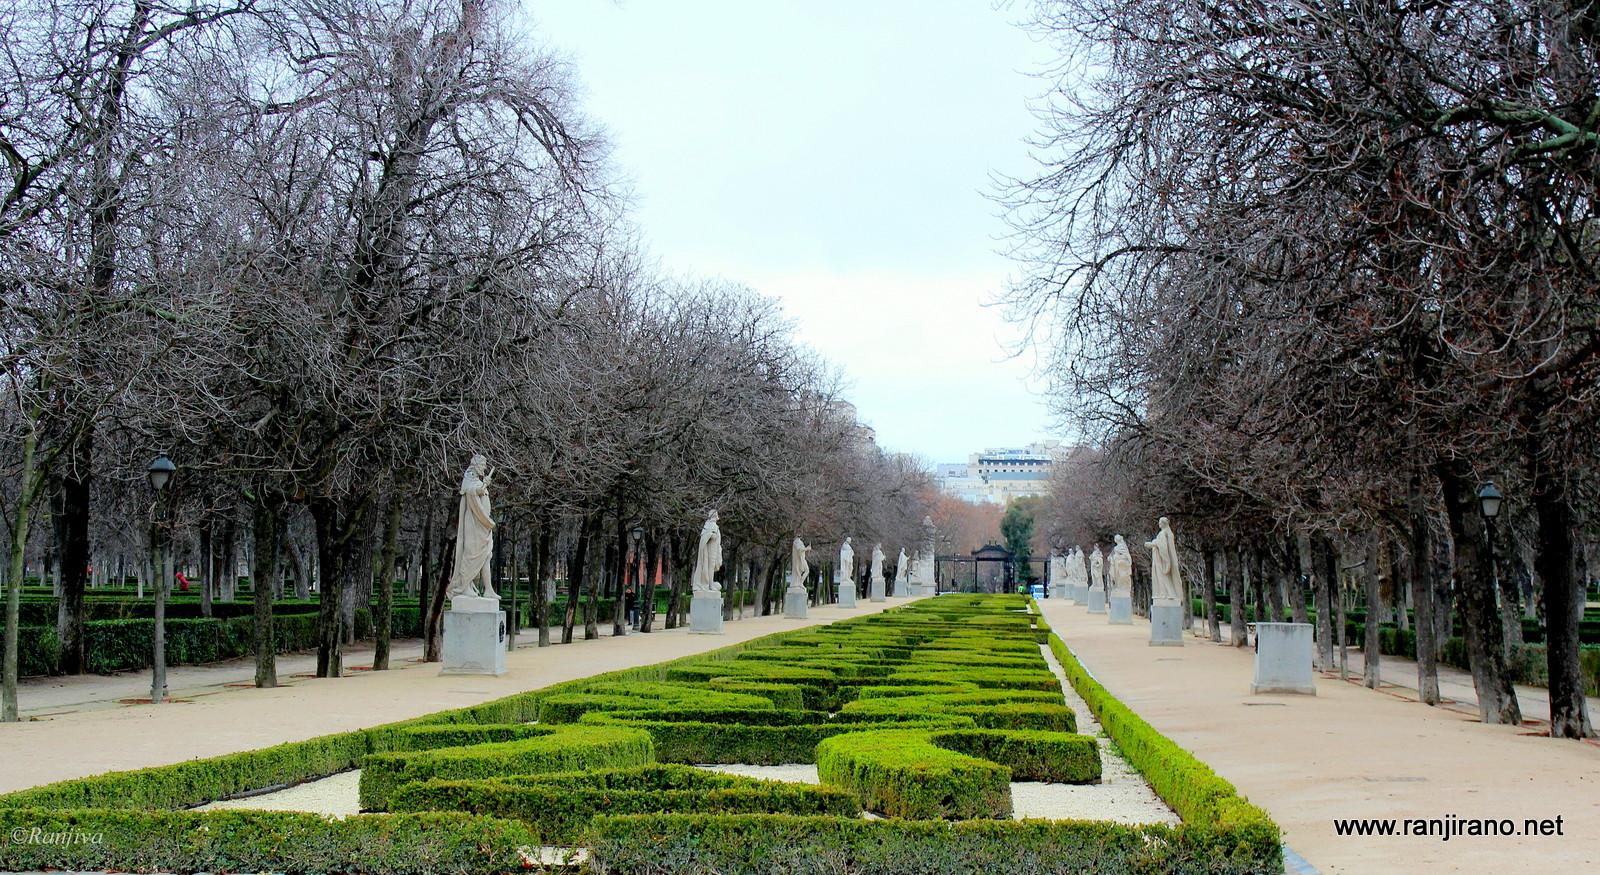 Balade au parc du retiro madrid paysages et fleurs for Centre de jardin